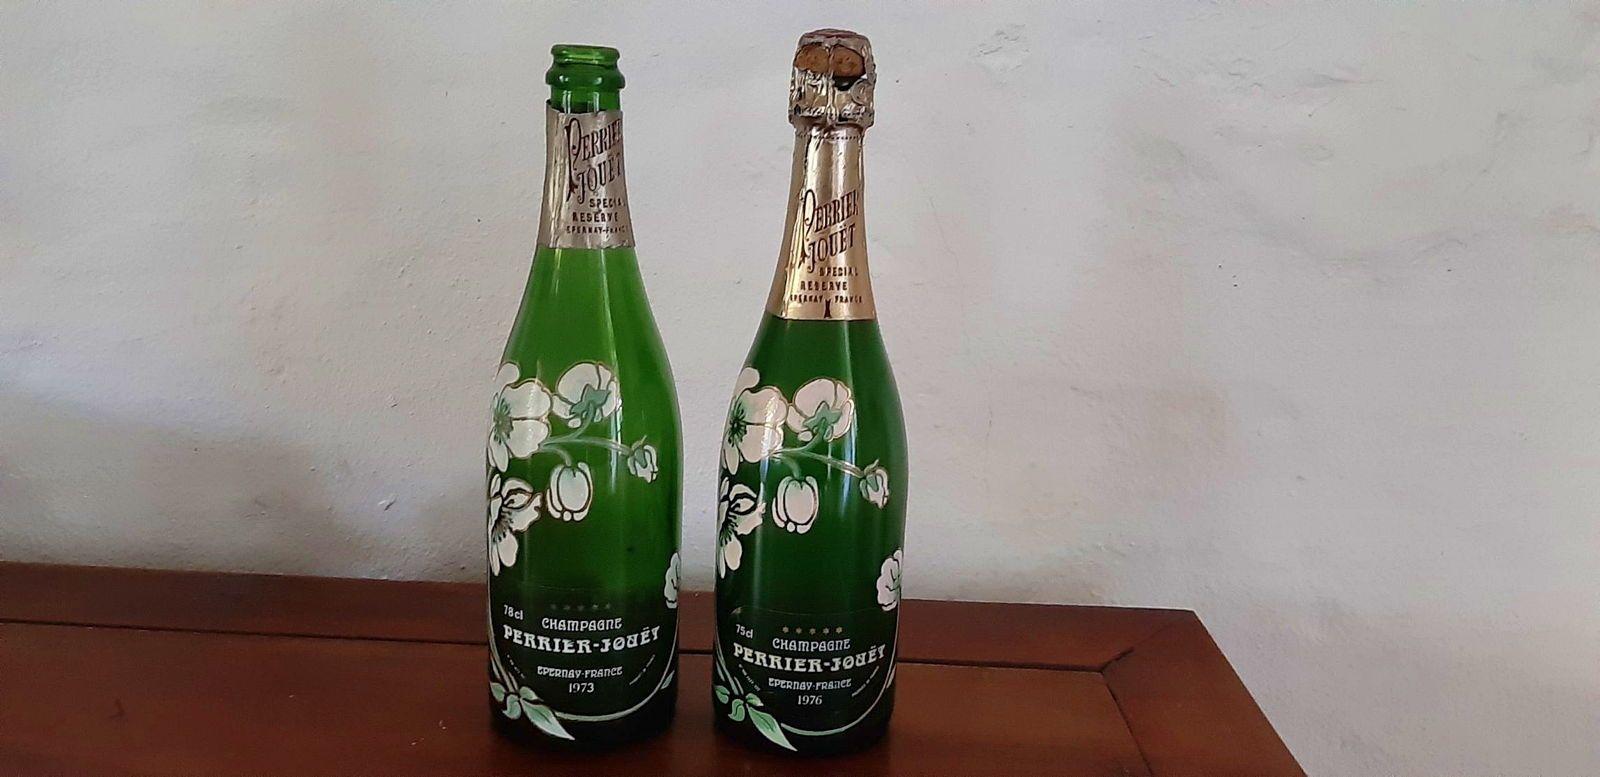 2Bouteilles factices de Champagne Perrier-Jouet vintage